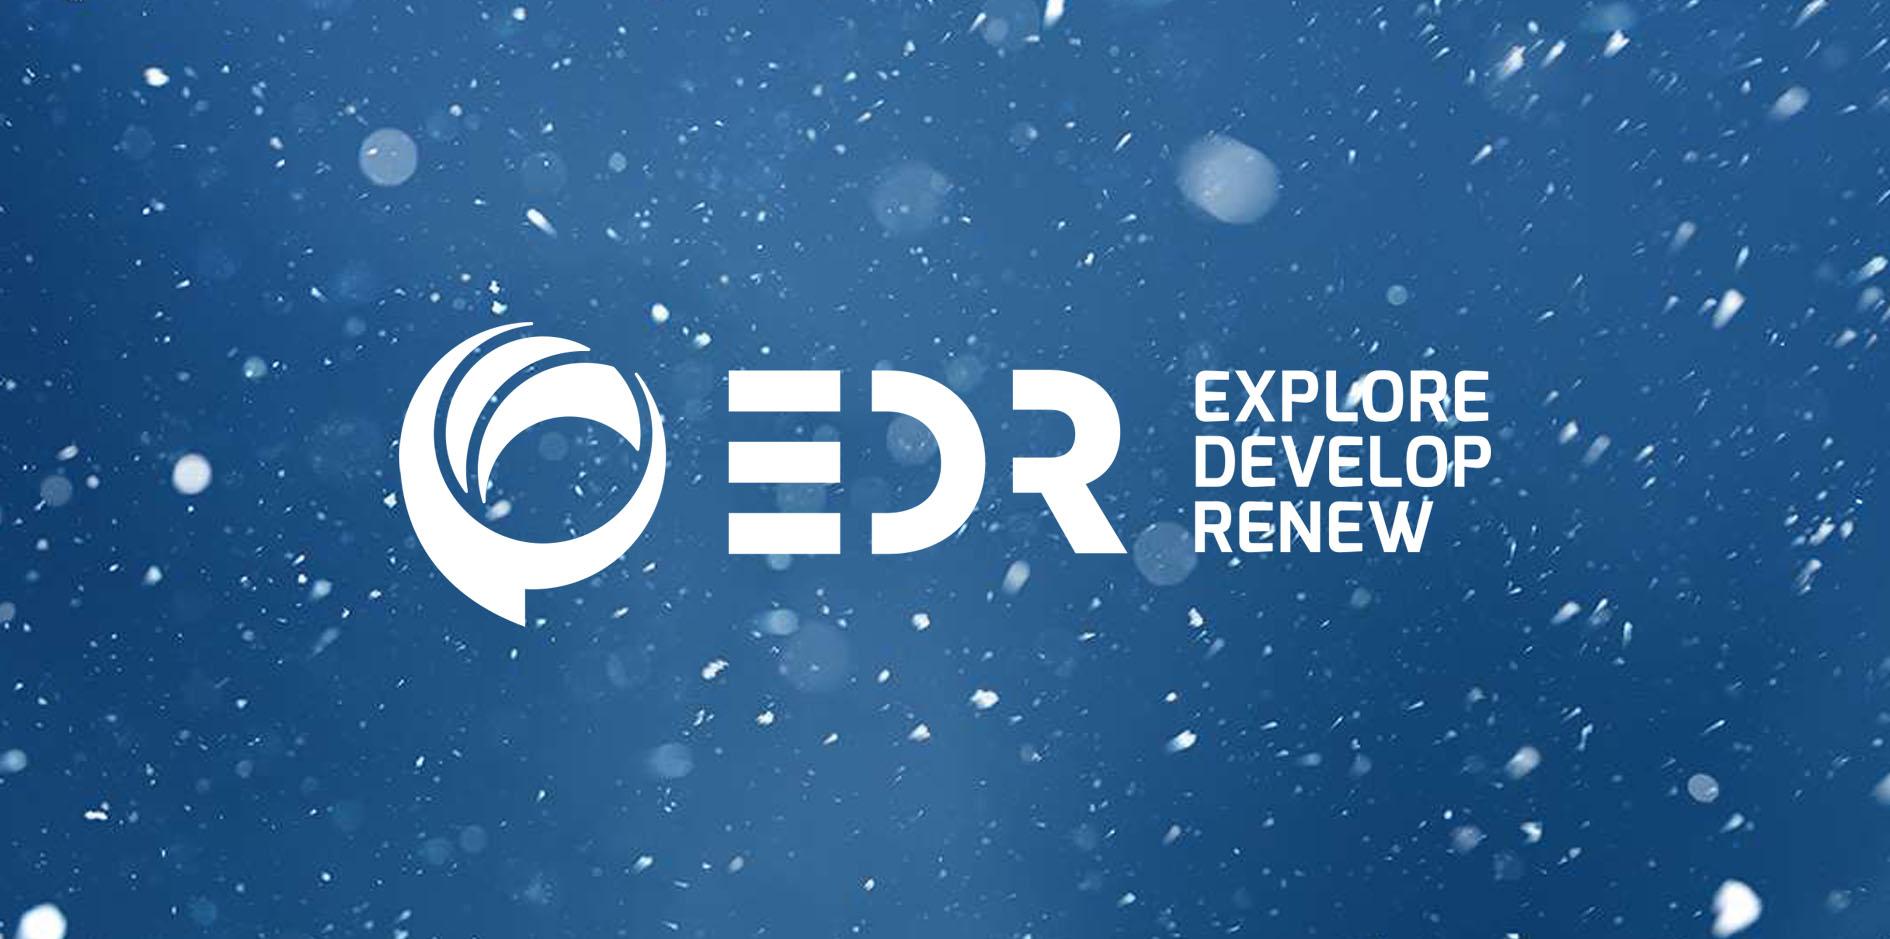 News_page_EDR xmas.jpg